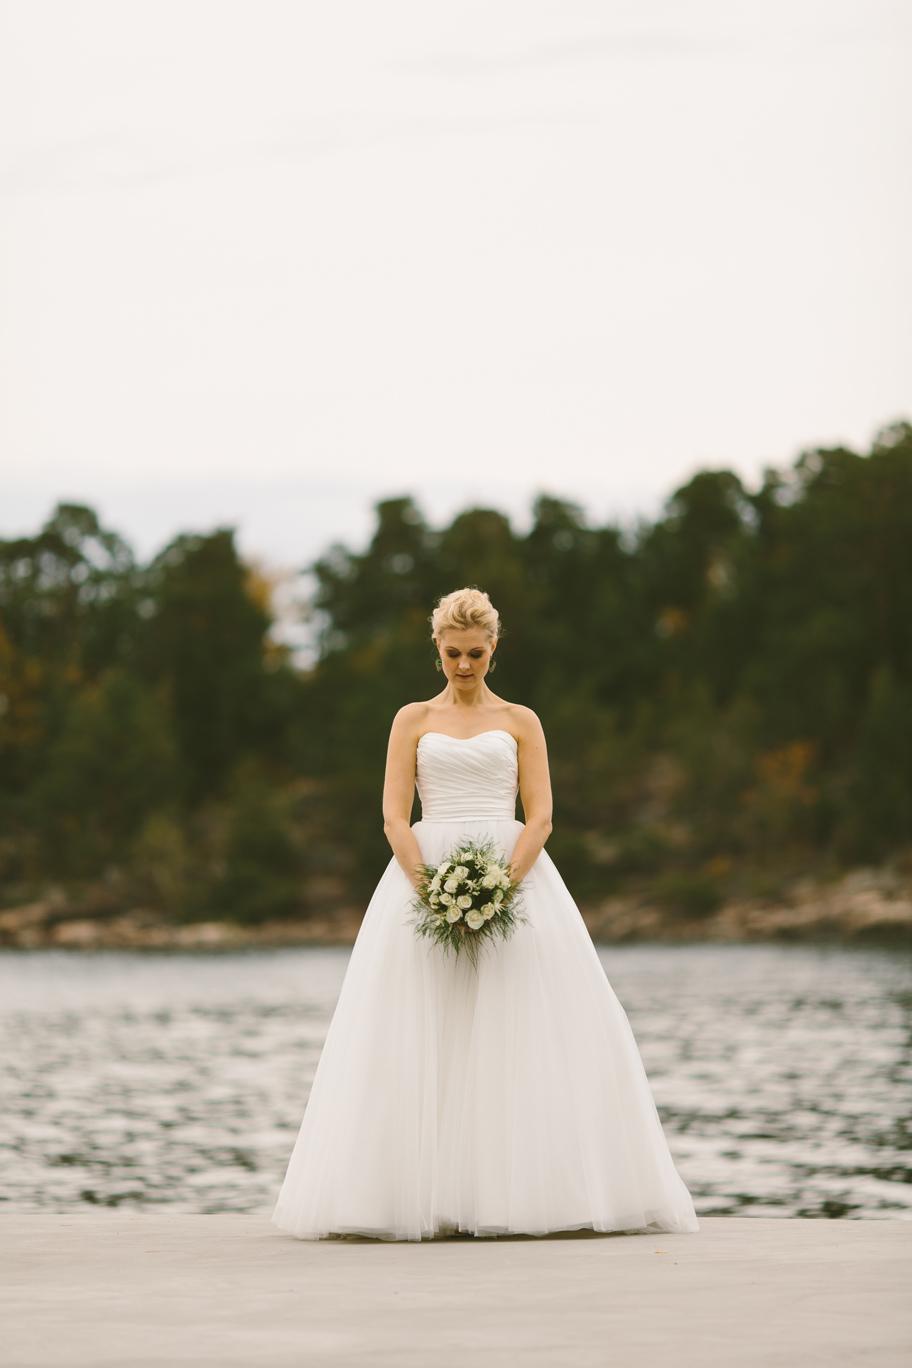 Anna-Karin och Niclas bröllop på Artipelag - 061